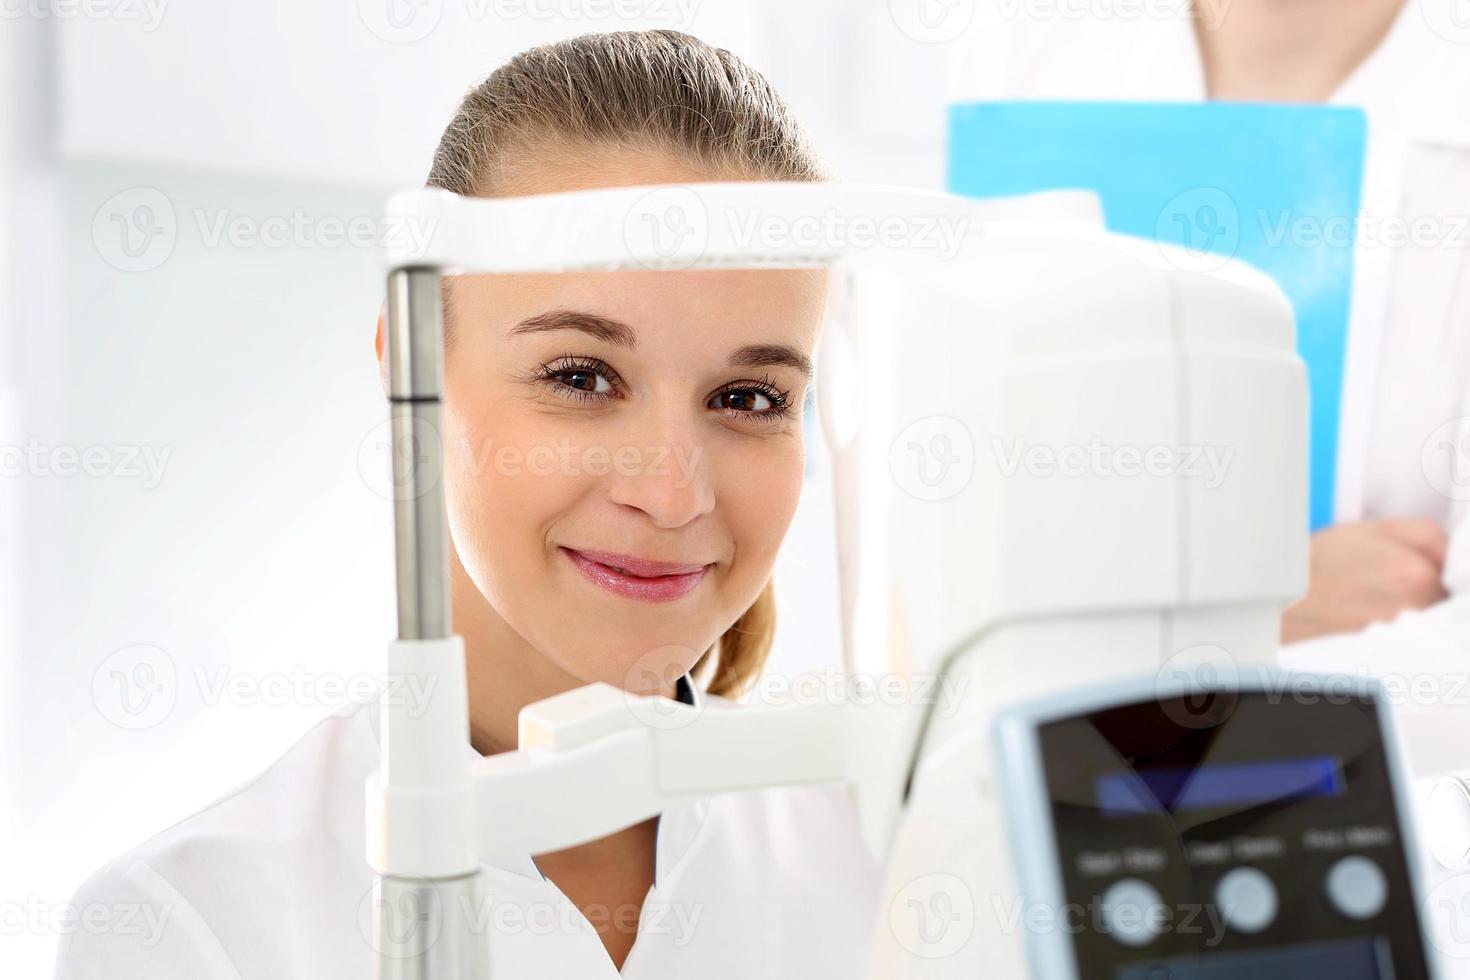 mulher em oftalmologista. foto